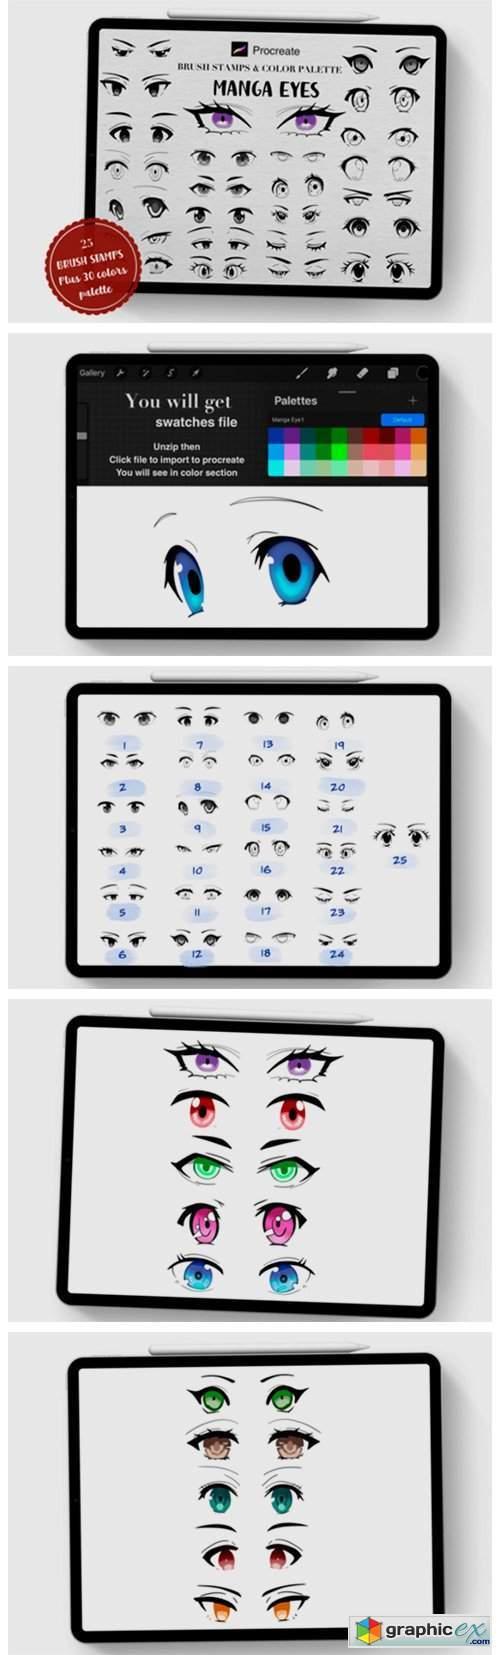 Manga Eyes Procreate Brush Stamps